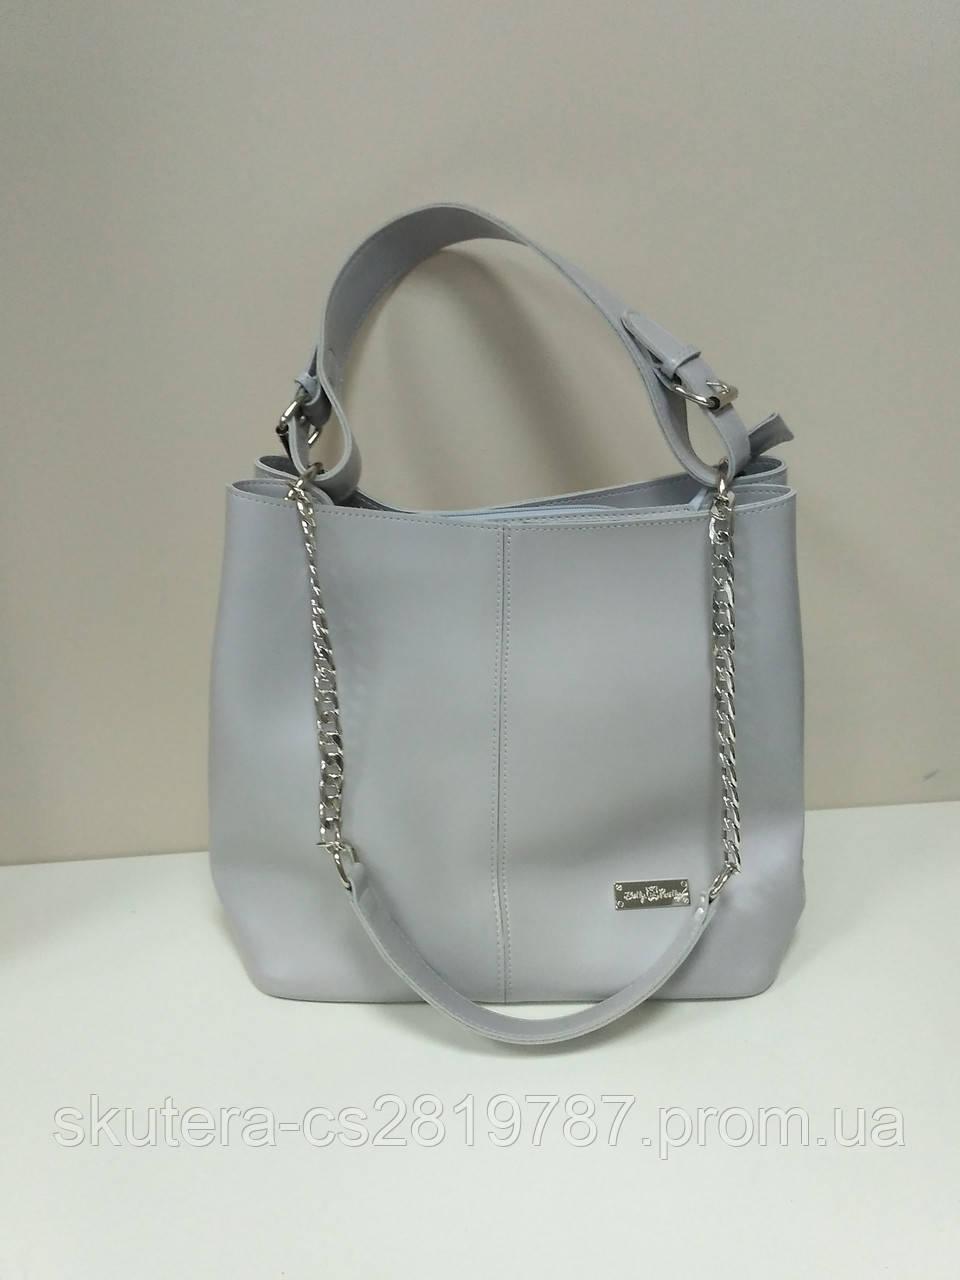 7fcfa5d142ee Женская повседневная сумка